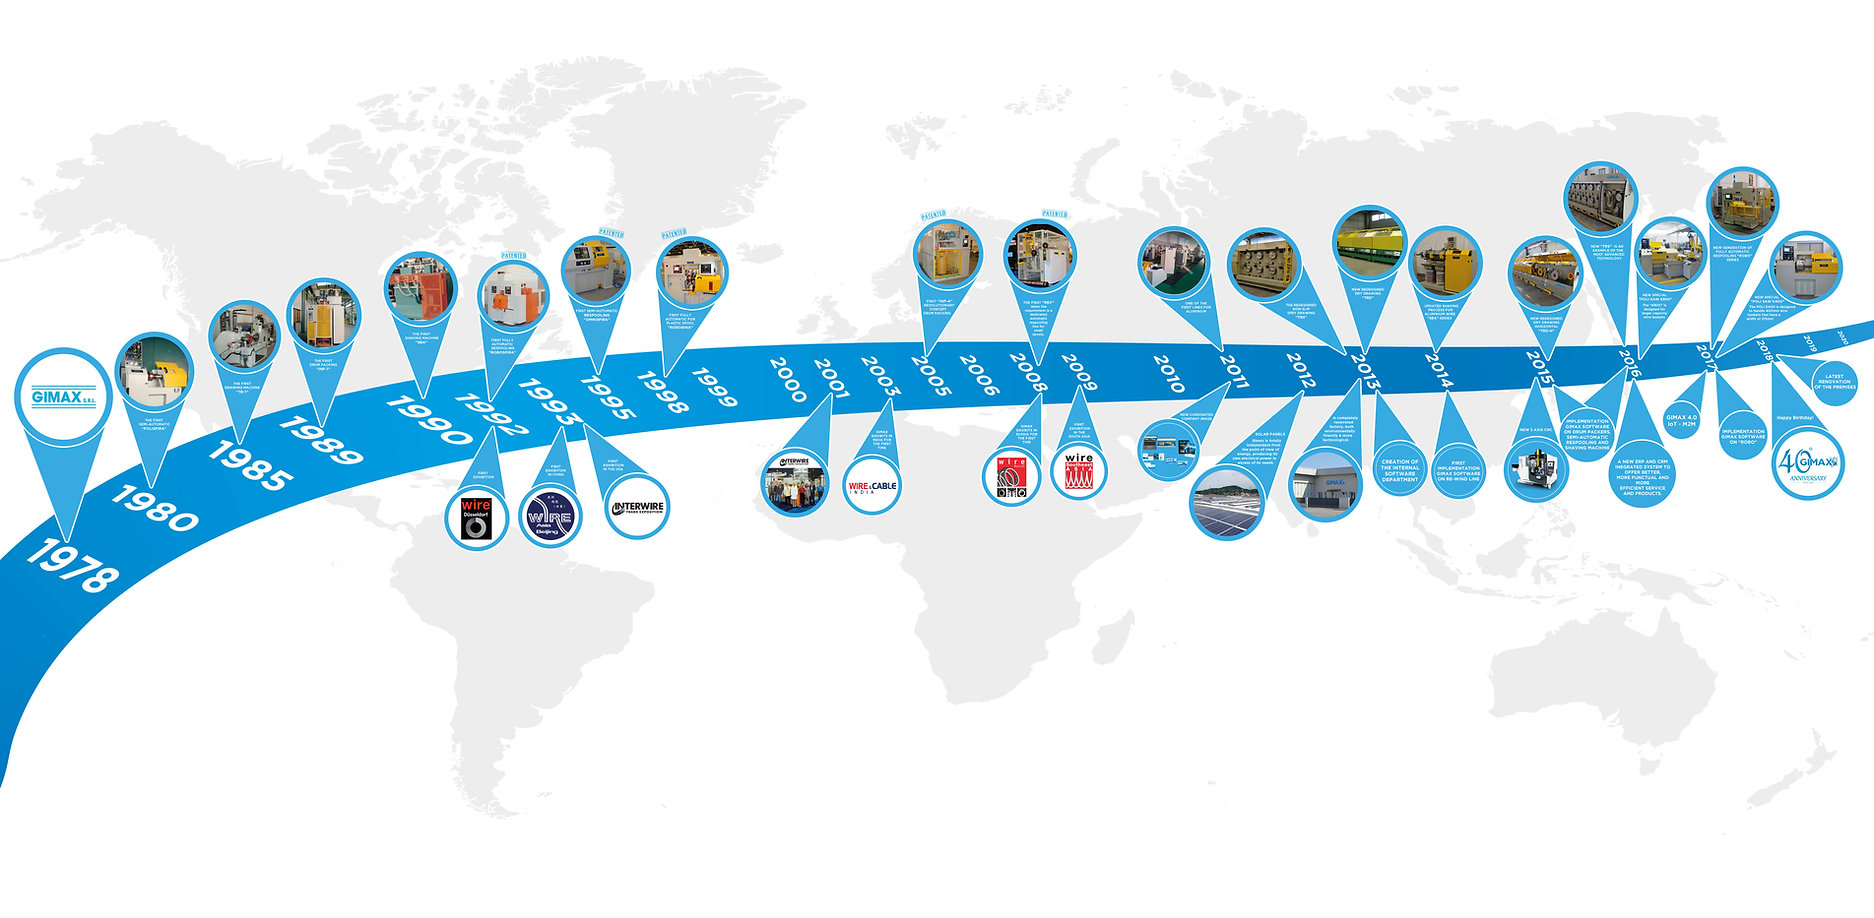 Time line Gima